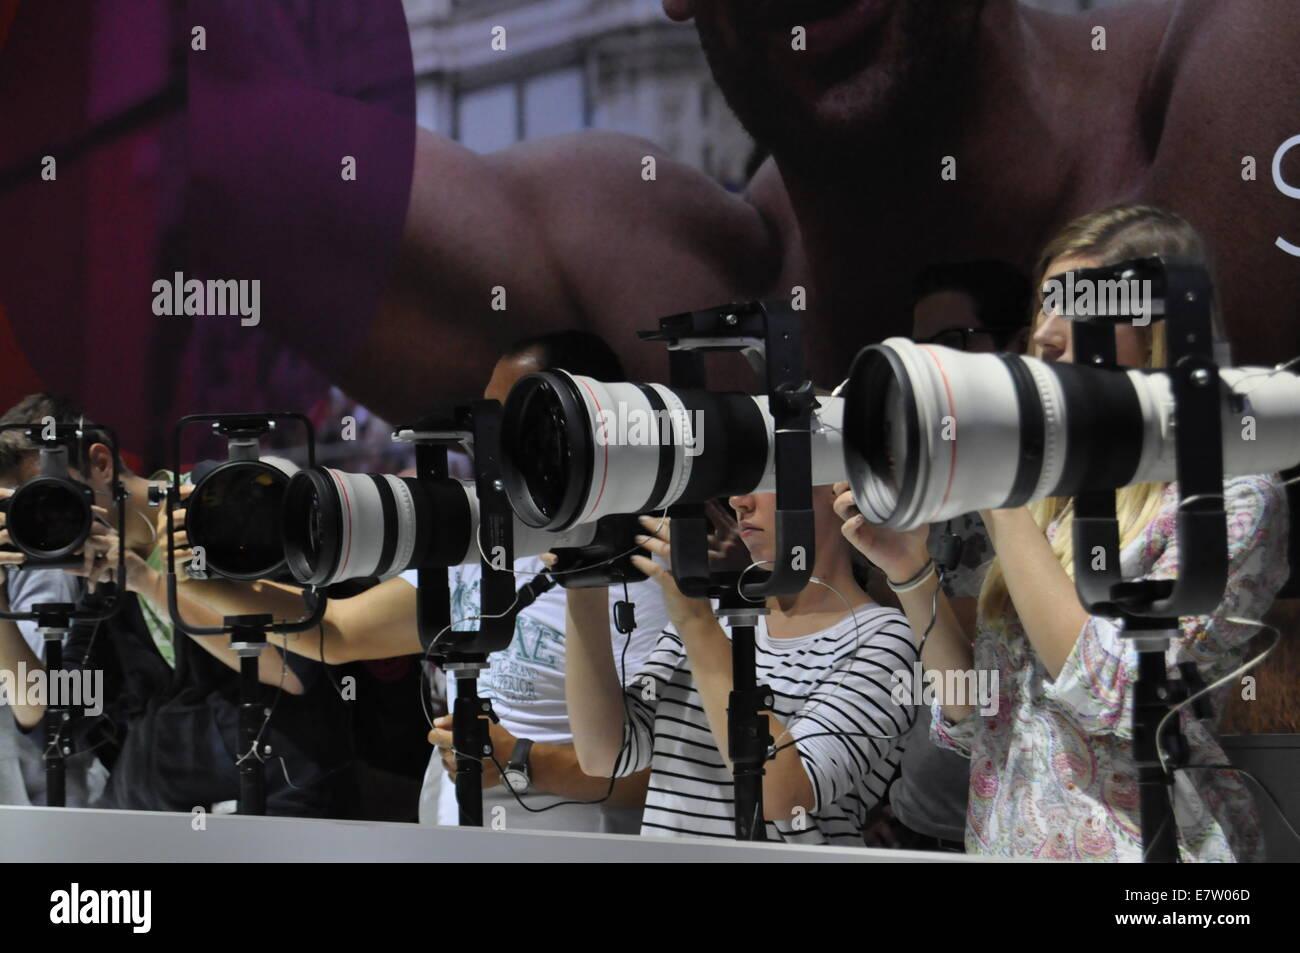 Photokina 2014, Besucherausweis Psychologieseite Teleobjektive, Köln, Deutschland. Nur zur redaktionellen Verwendung. Stockbild